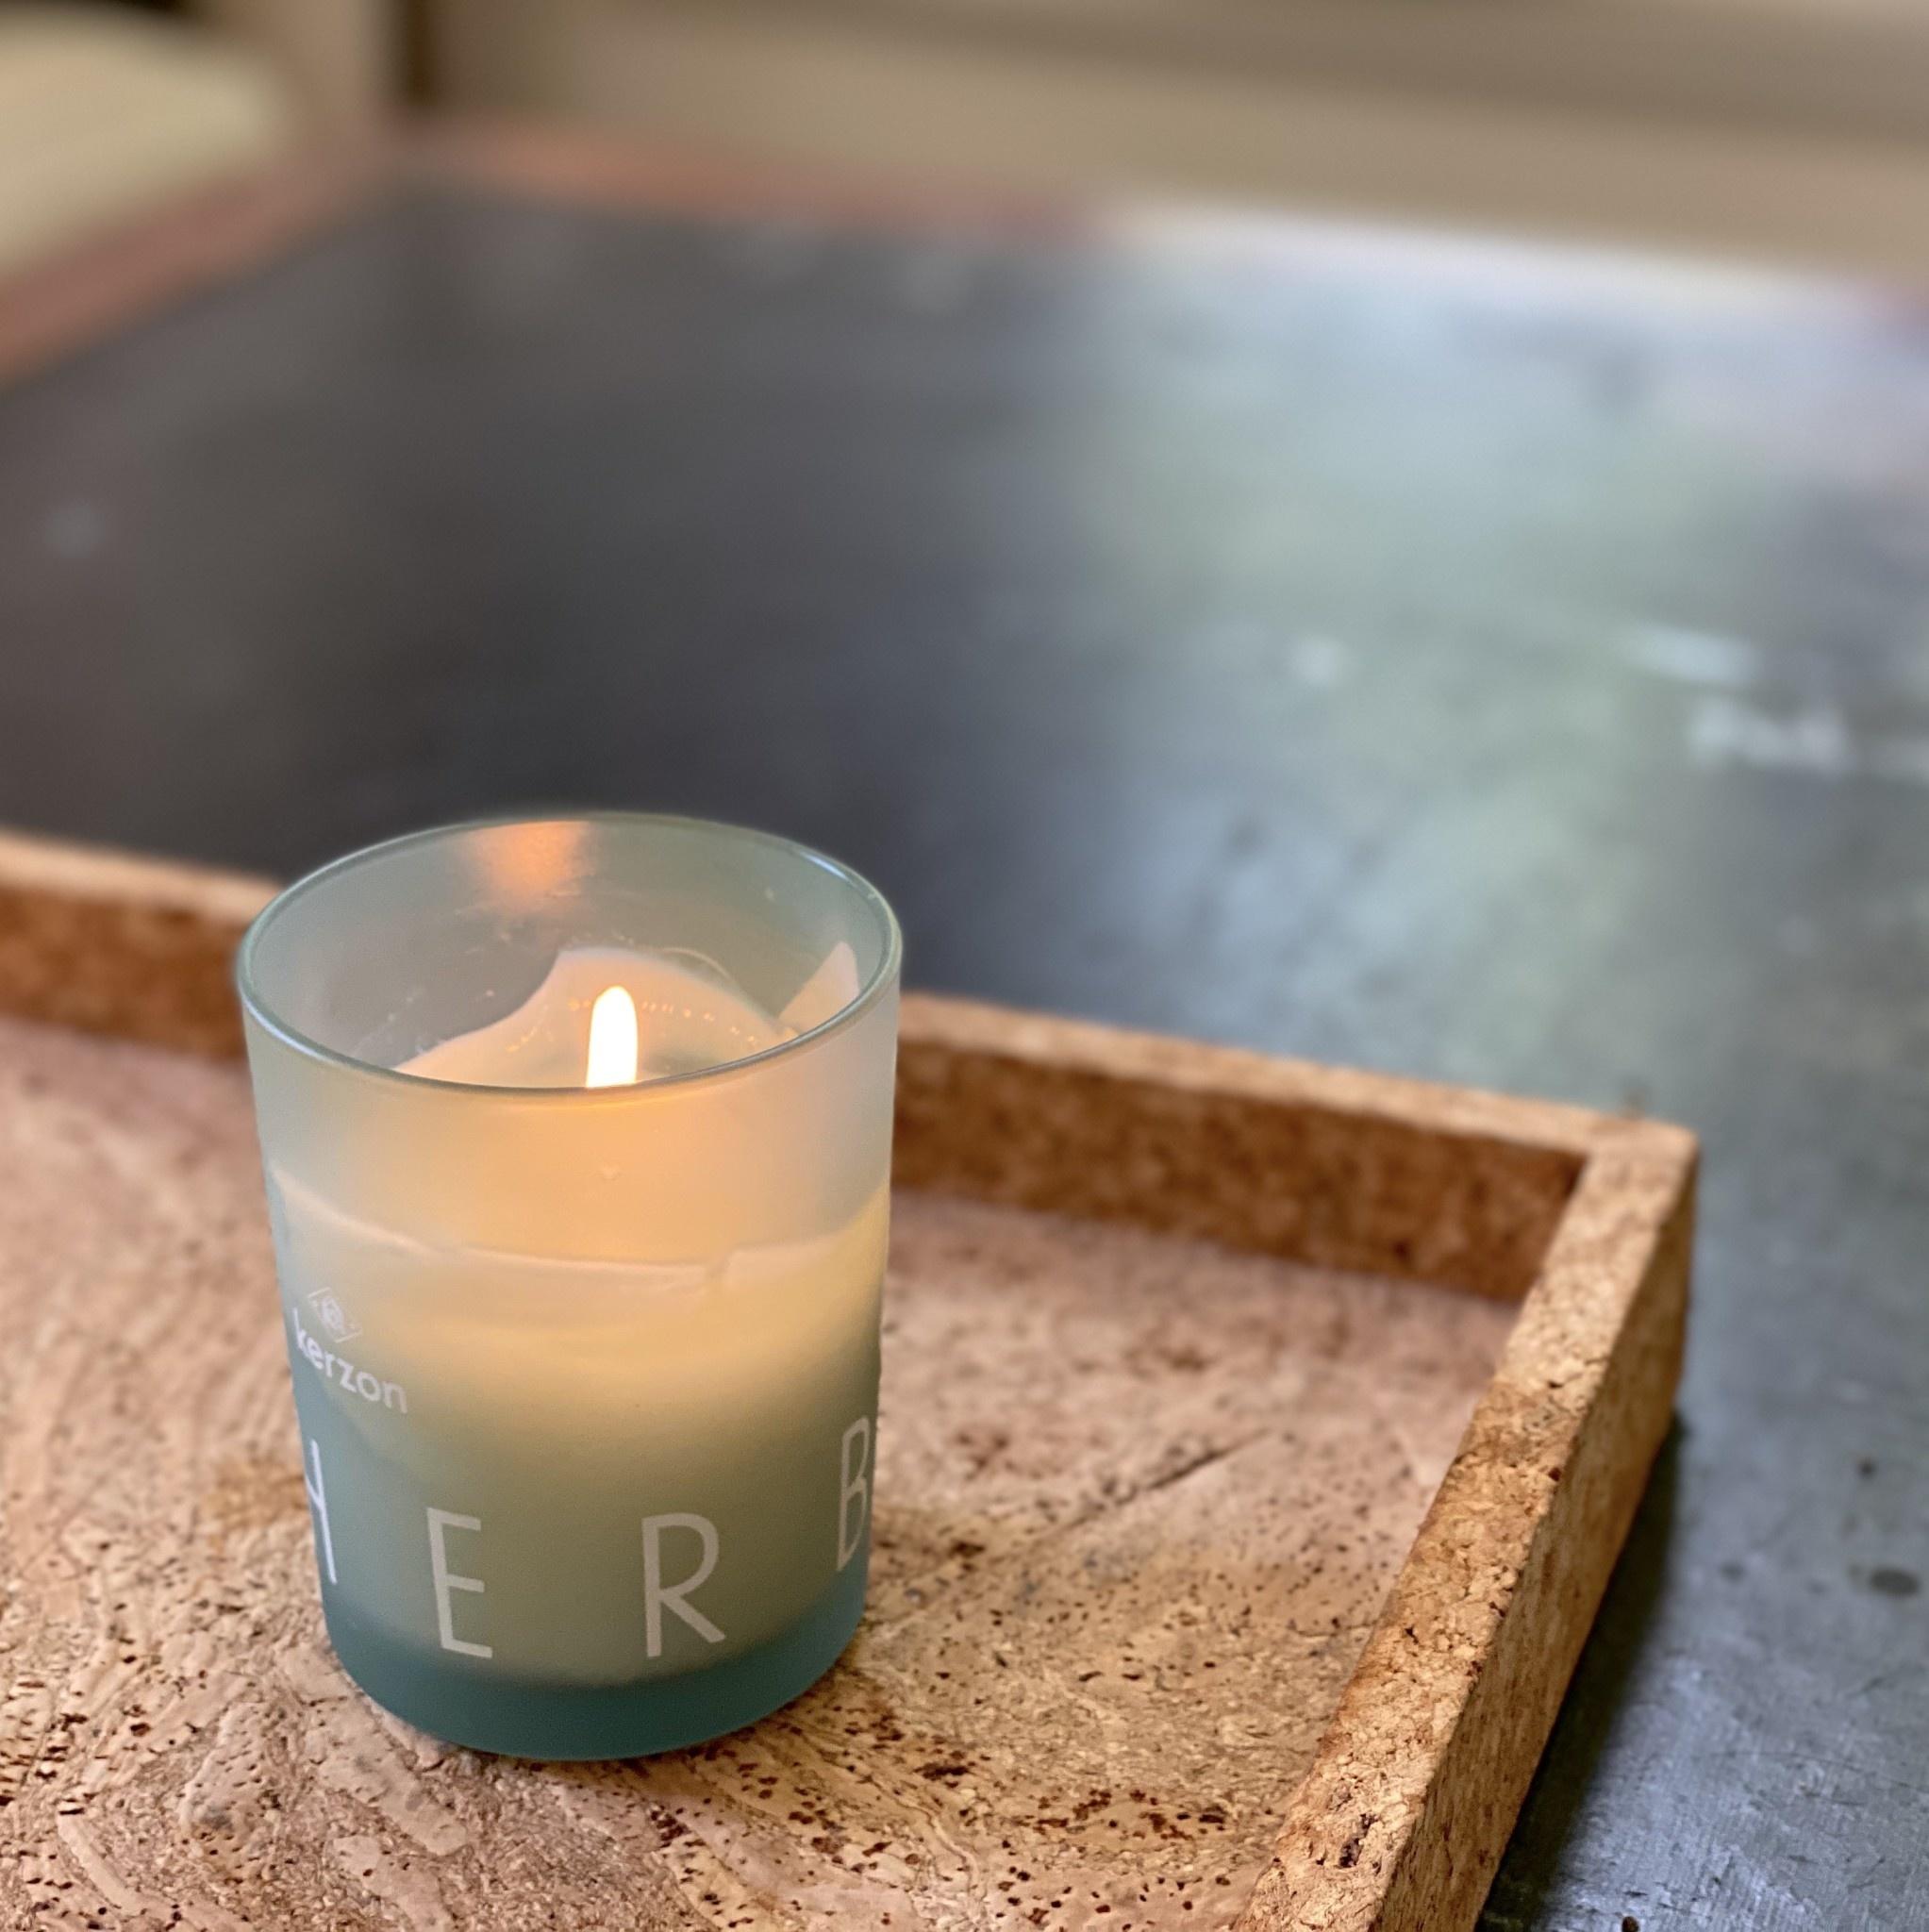 Kerzon Scented Candle - Fleur d'Oranger